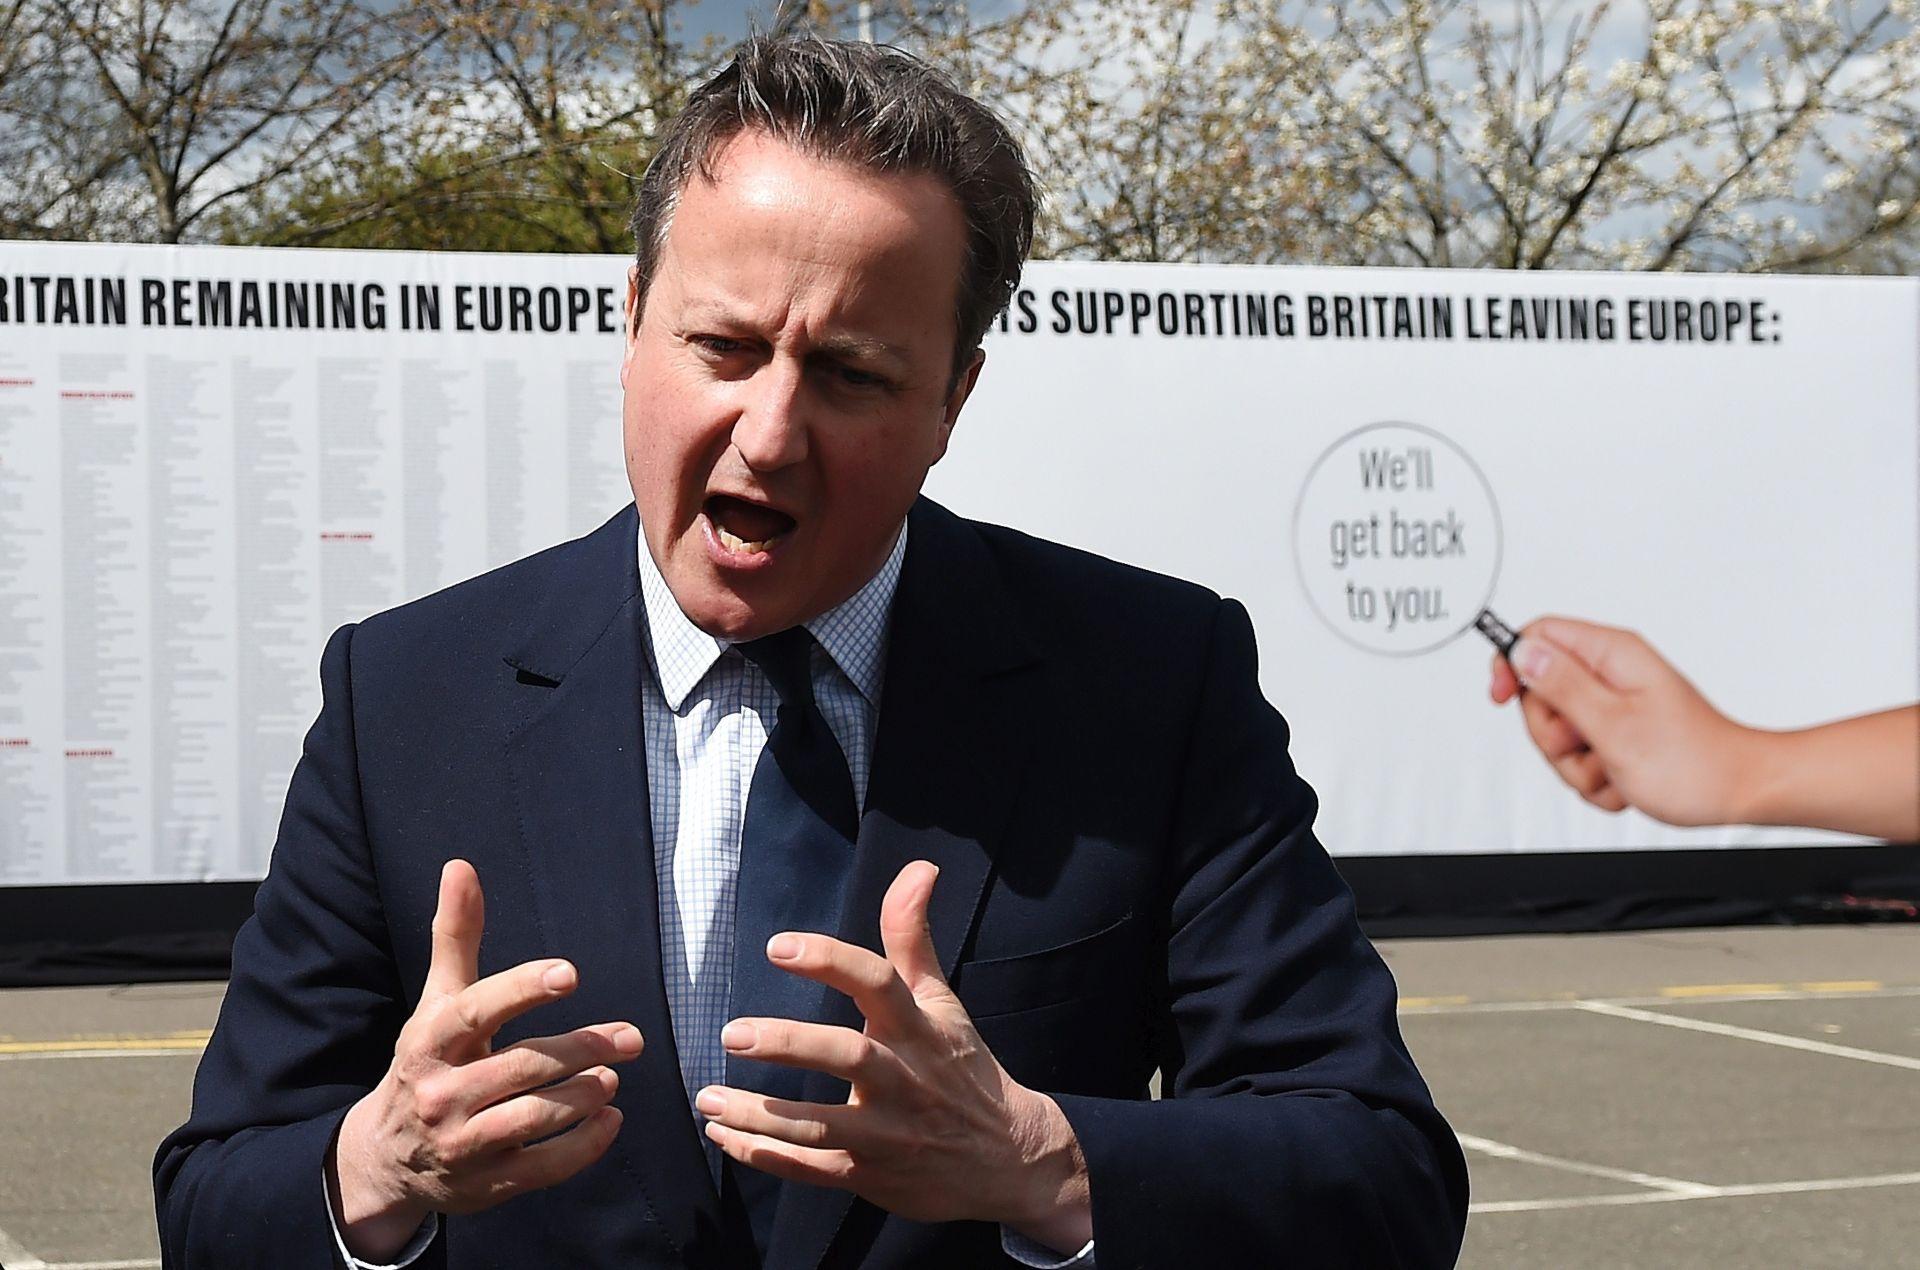 BREXIT: Tijesna potpora ostanku Britanije u EU